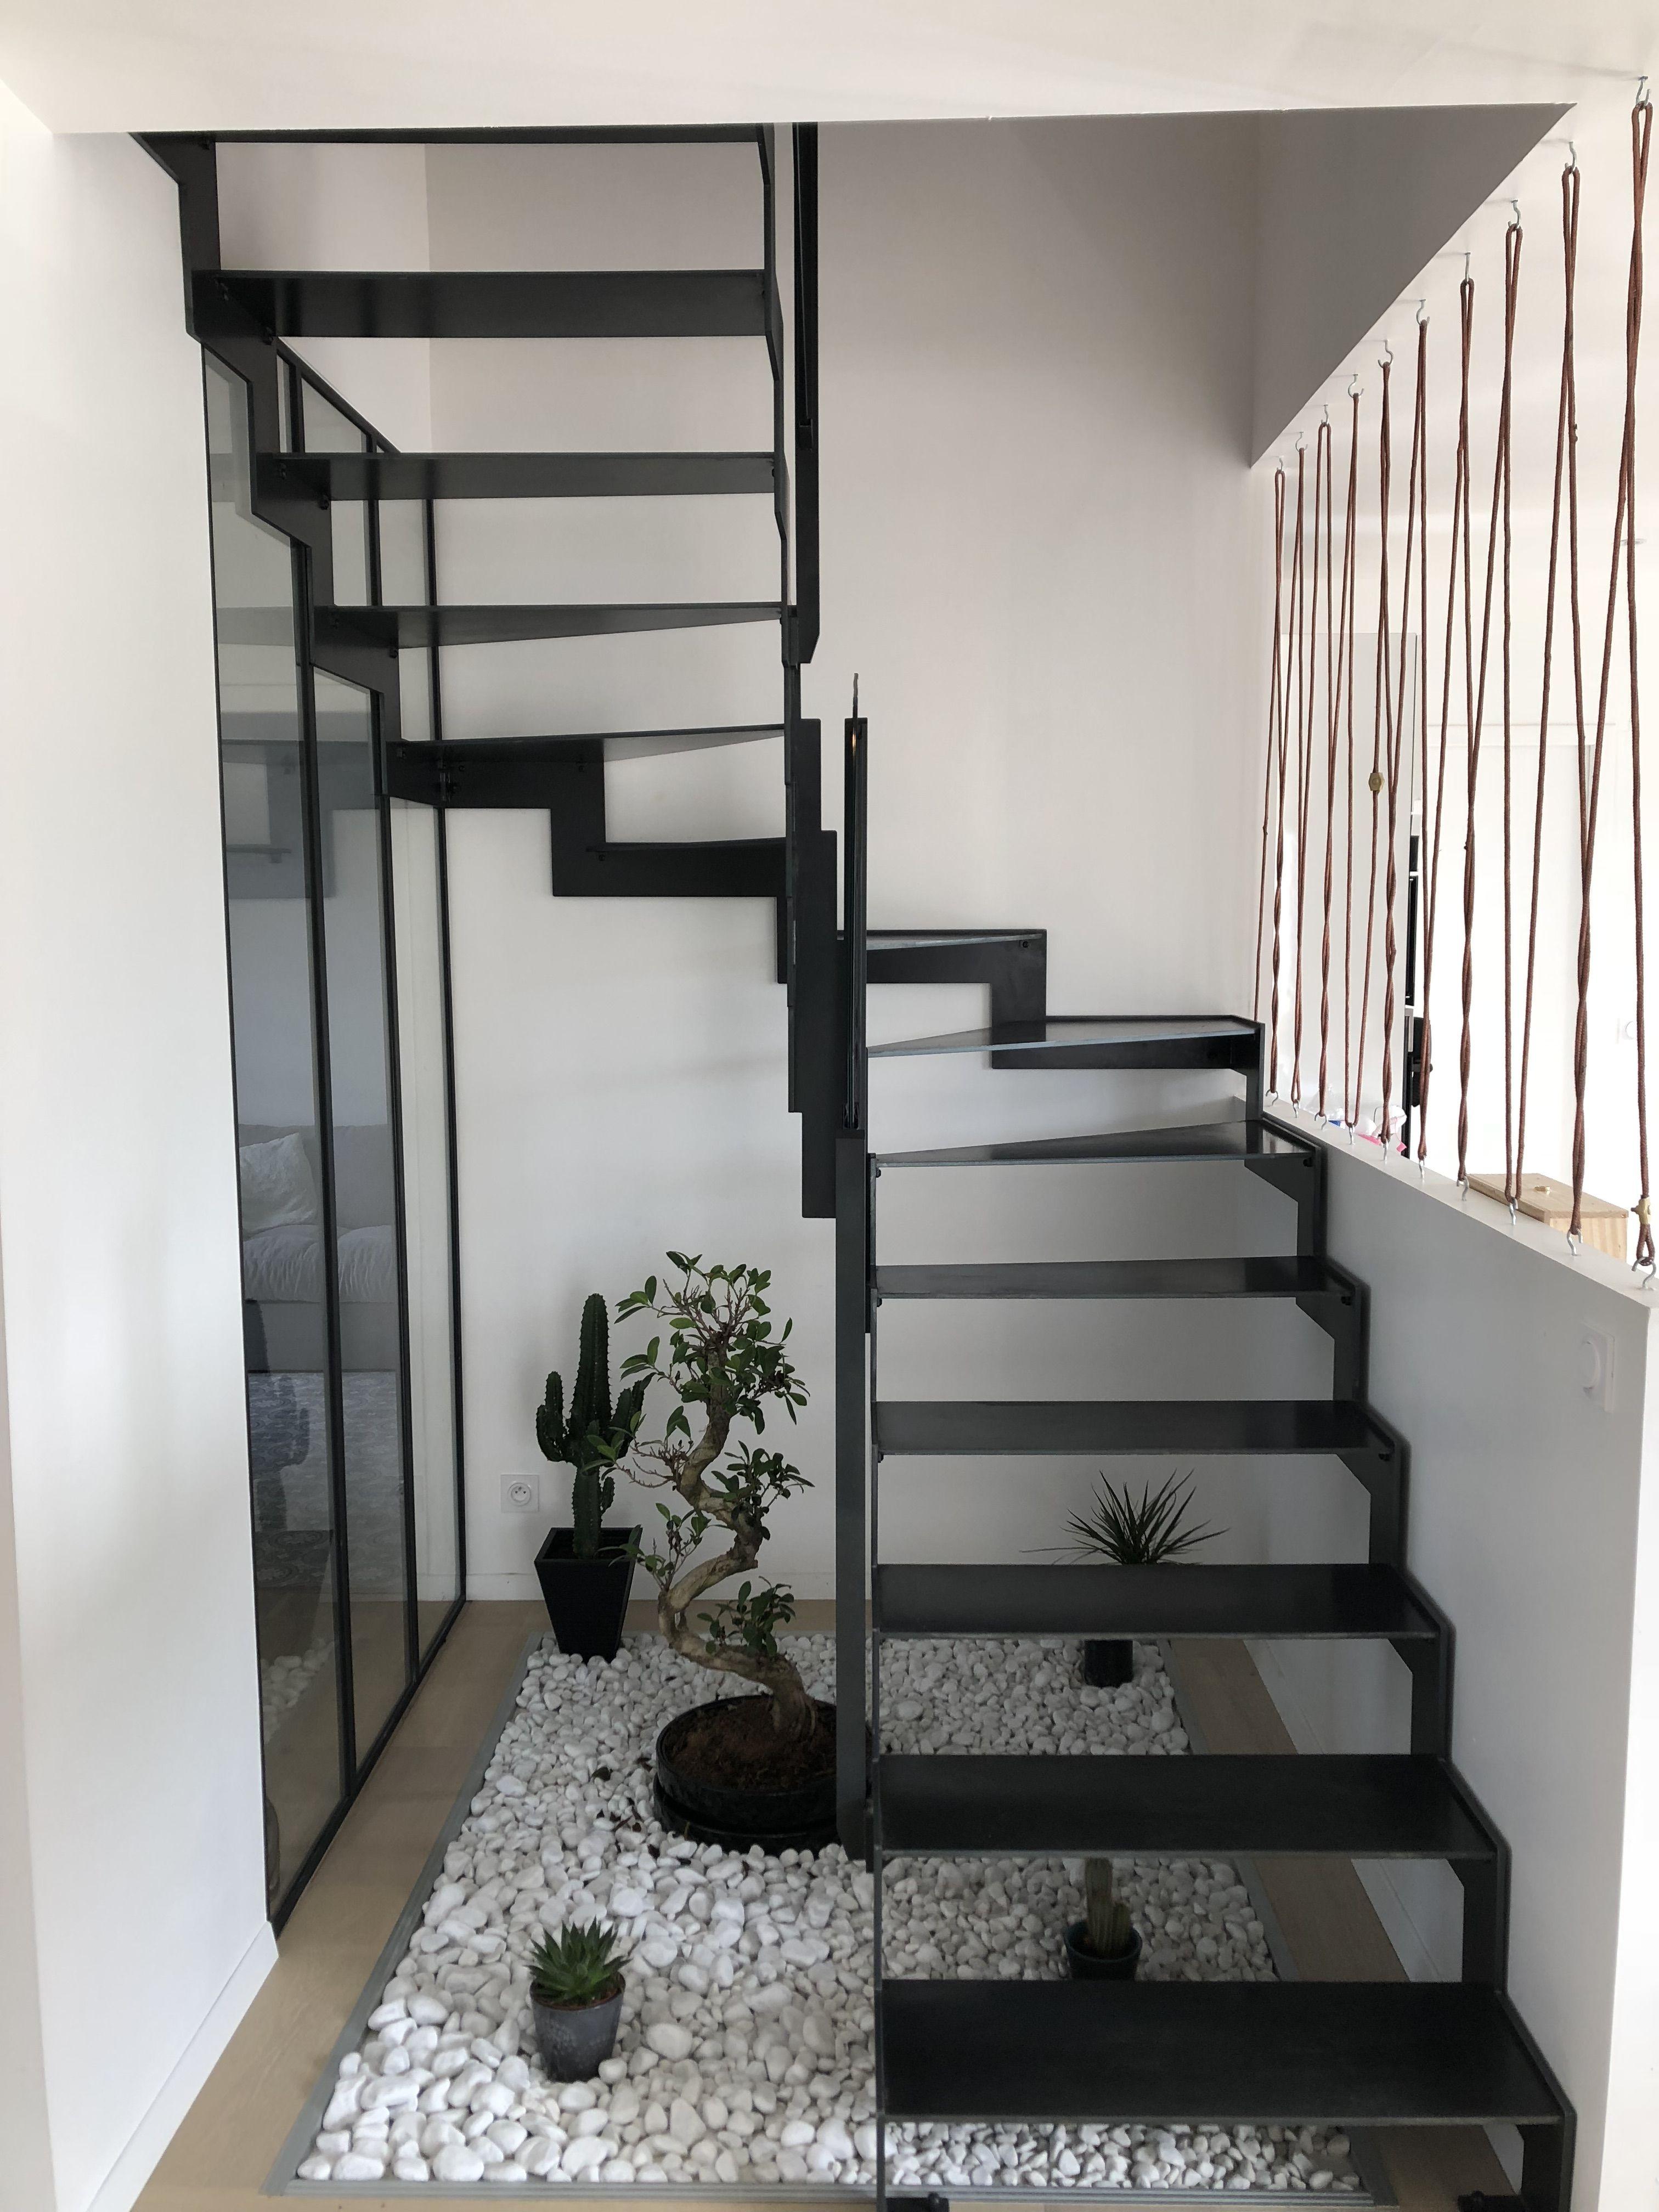 Escalier 2 4 Tournant Avec Verriere Sur La Deuxieme Volee